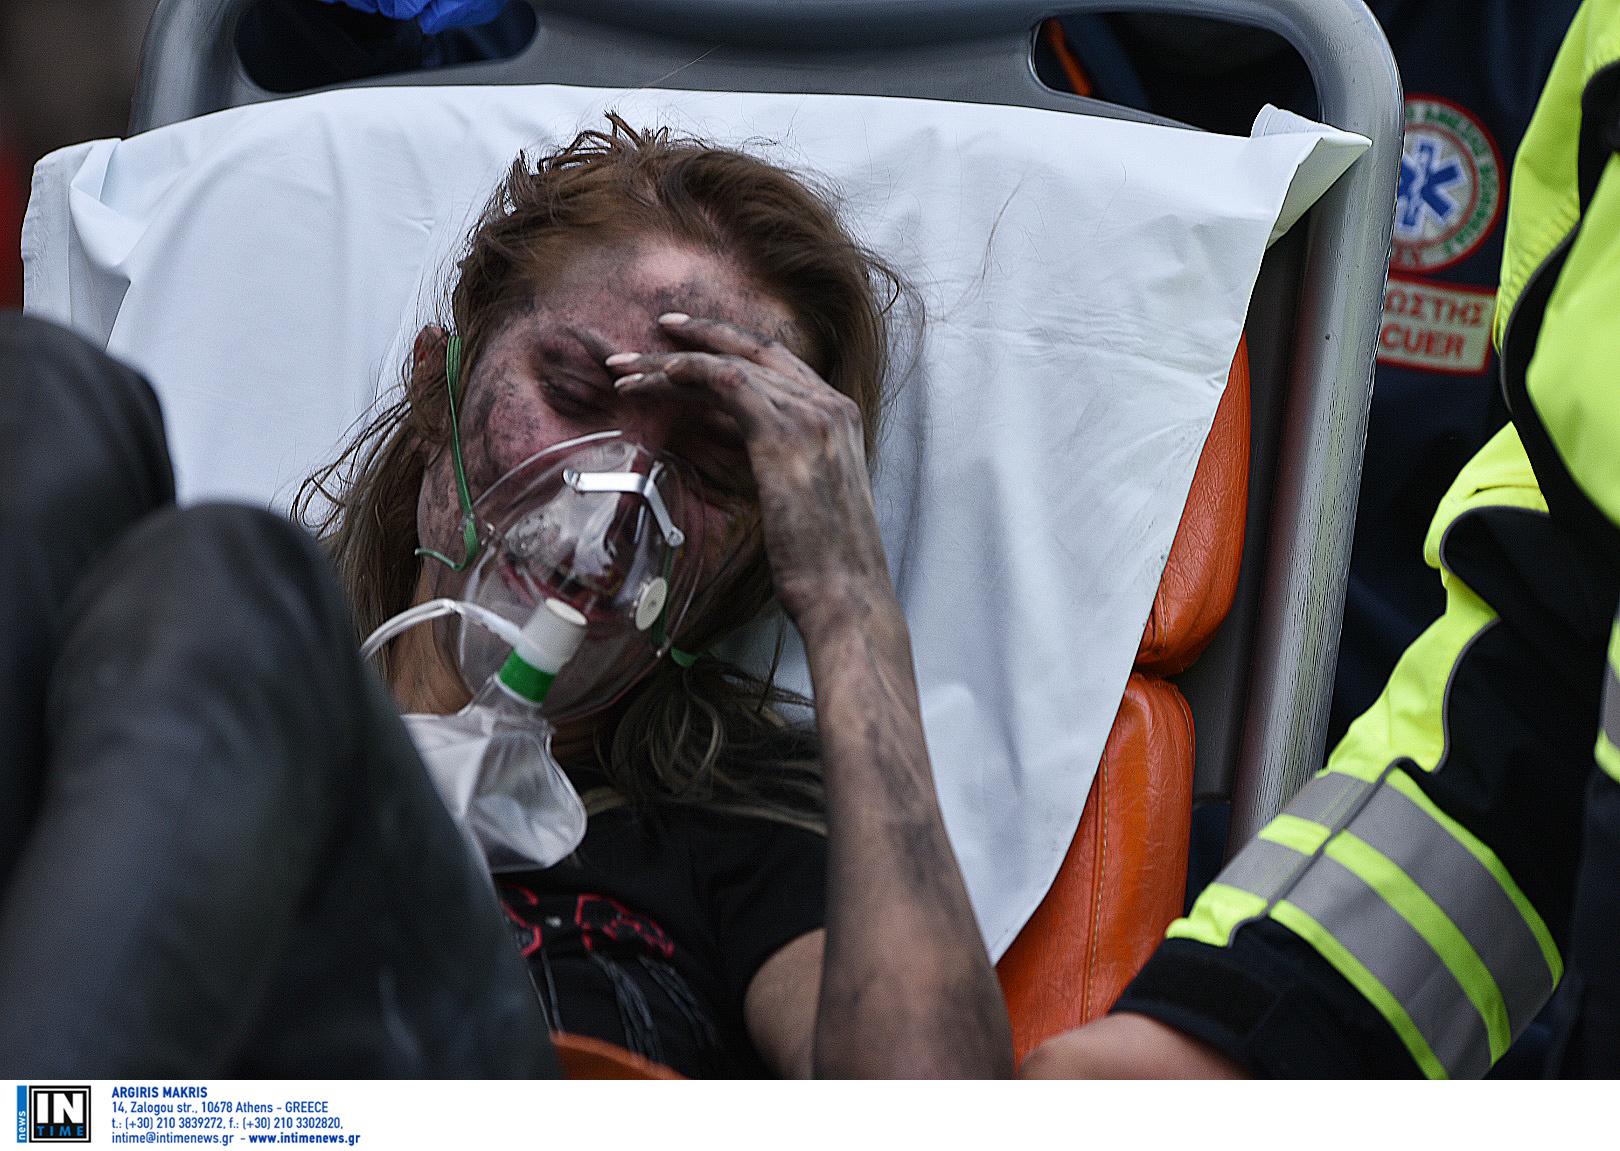 Συγκλονιστικές εικόνες από το ξενοδοχείο όπου ξέσπασε φωτιά - Απεγκλωβίστηκαν έξι άνθρωποι - Κάποιοι κατέβηκαν στο δρόμο με τις πυτζάμες